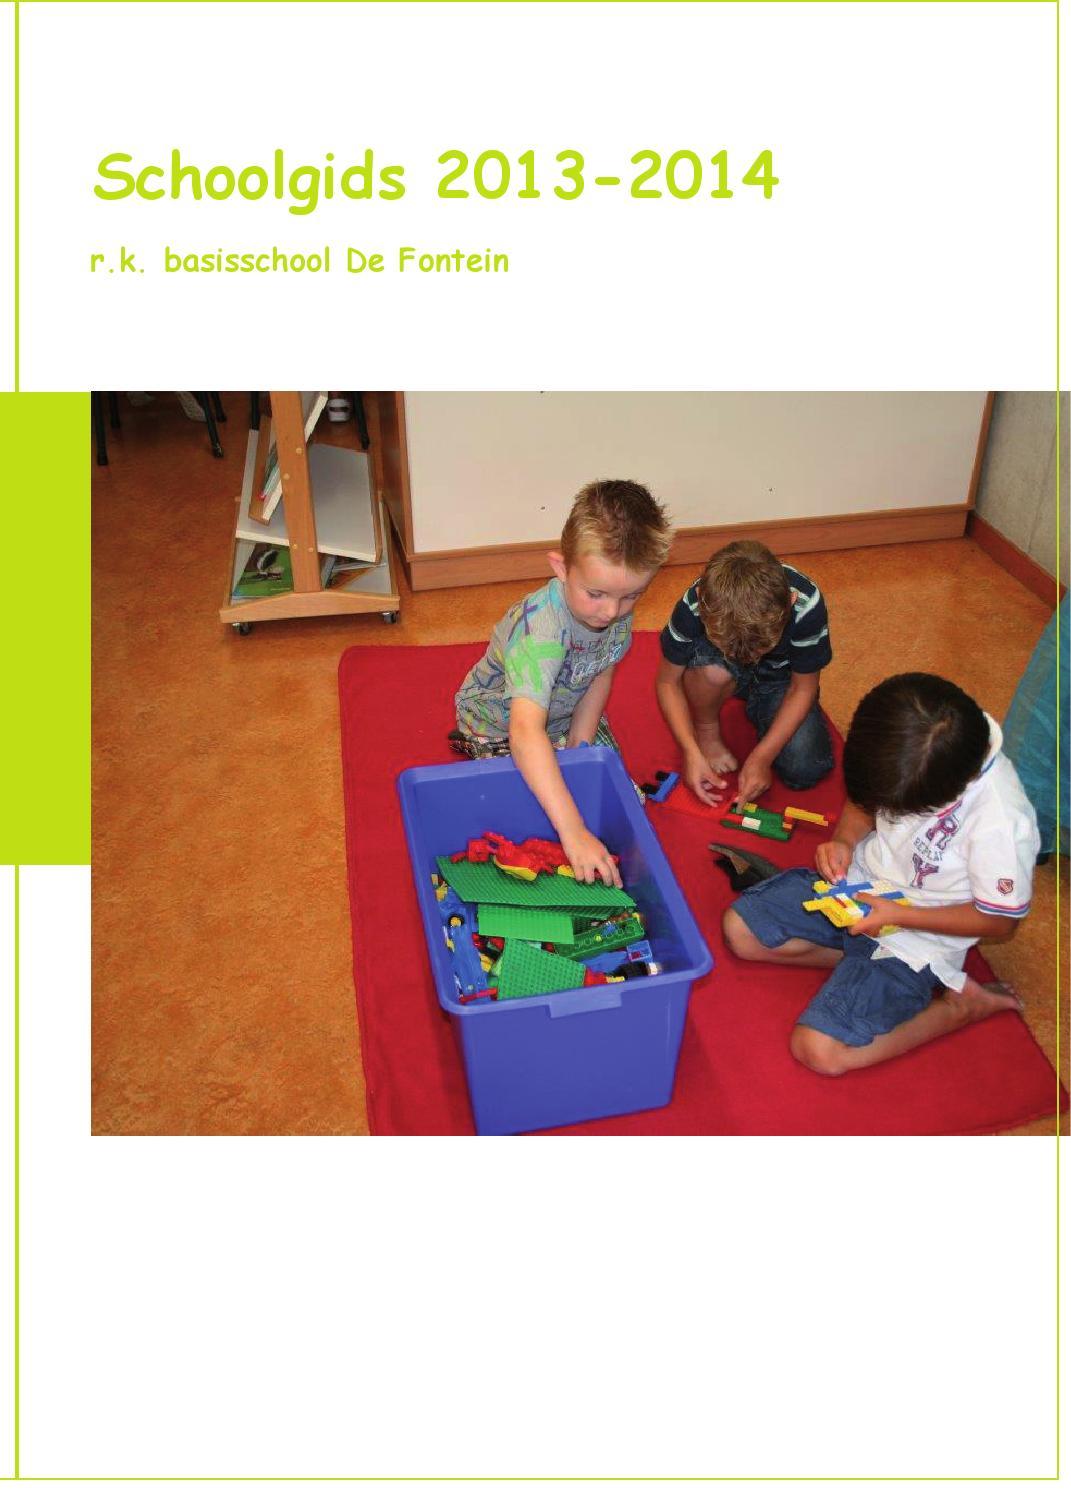 Basisschool De Fontein Den Helder.2013 09 04 Schoolgids Rk Basisschool De Fontein 2013 2014 By